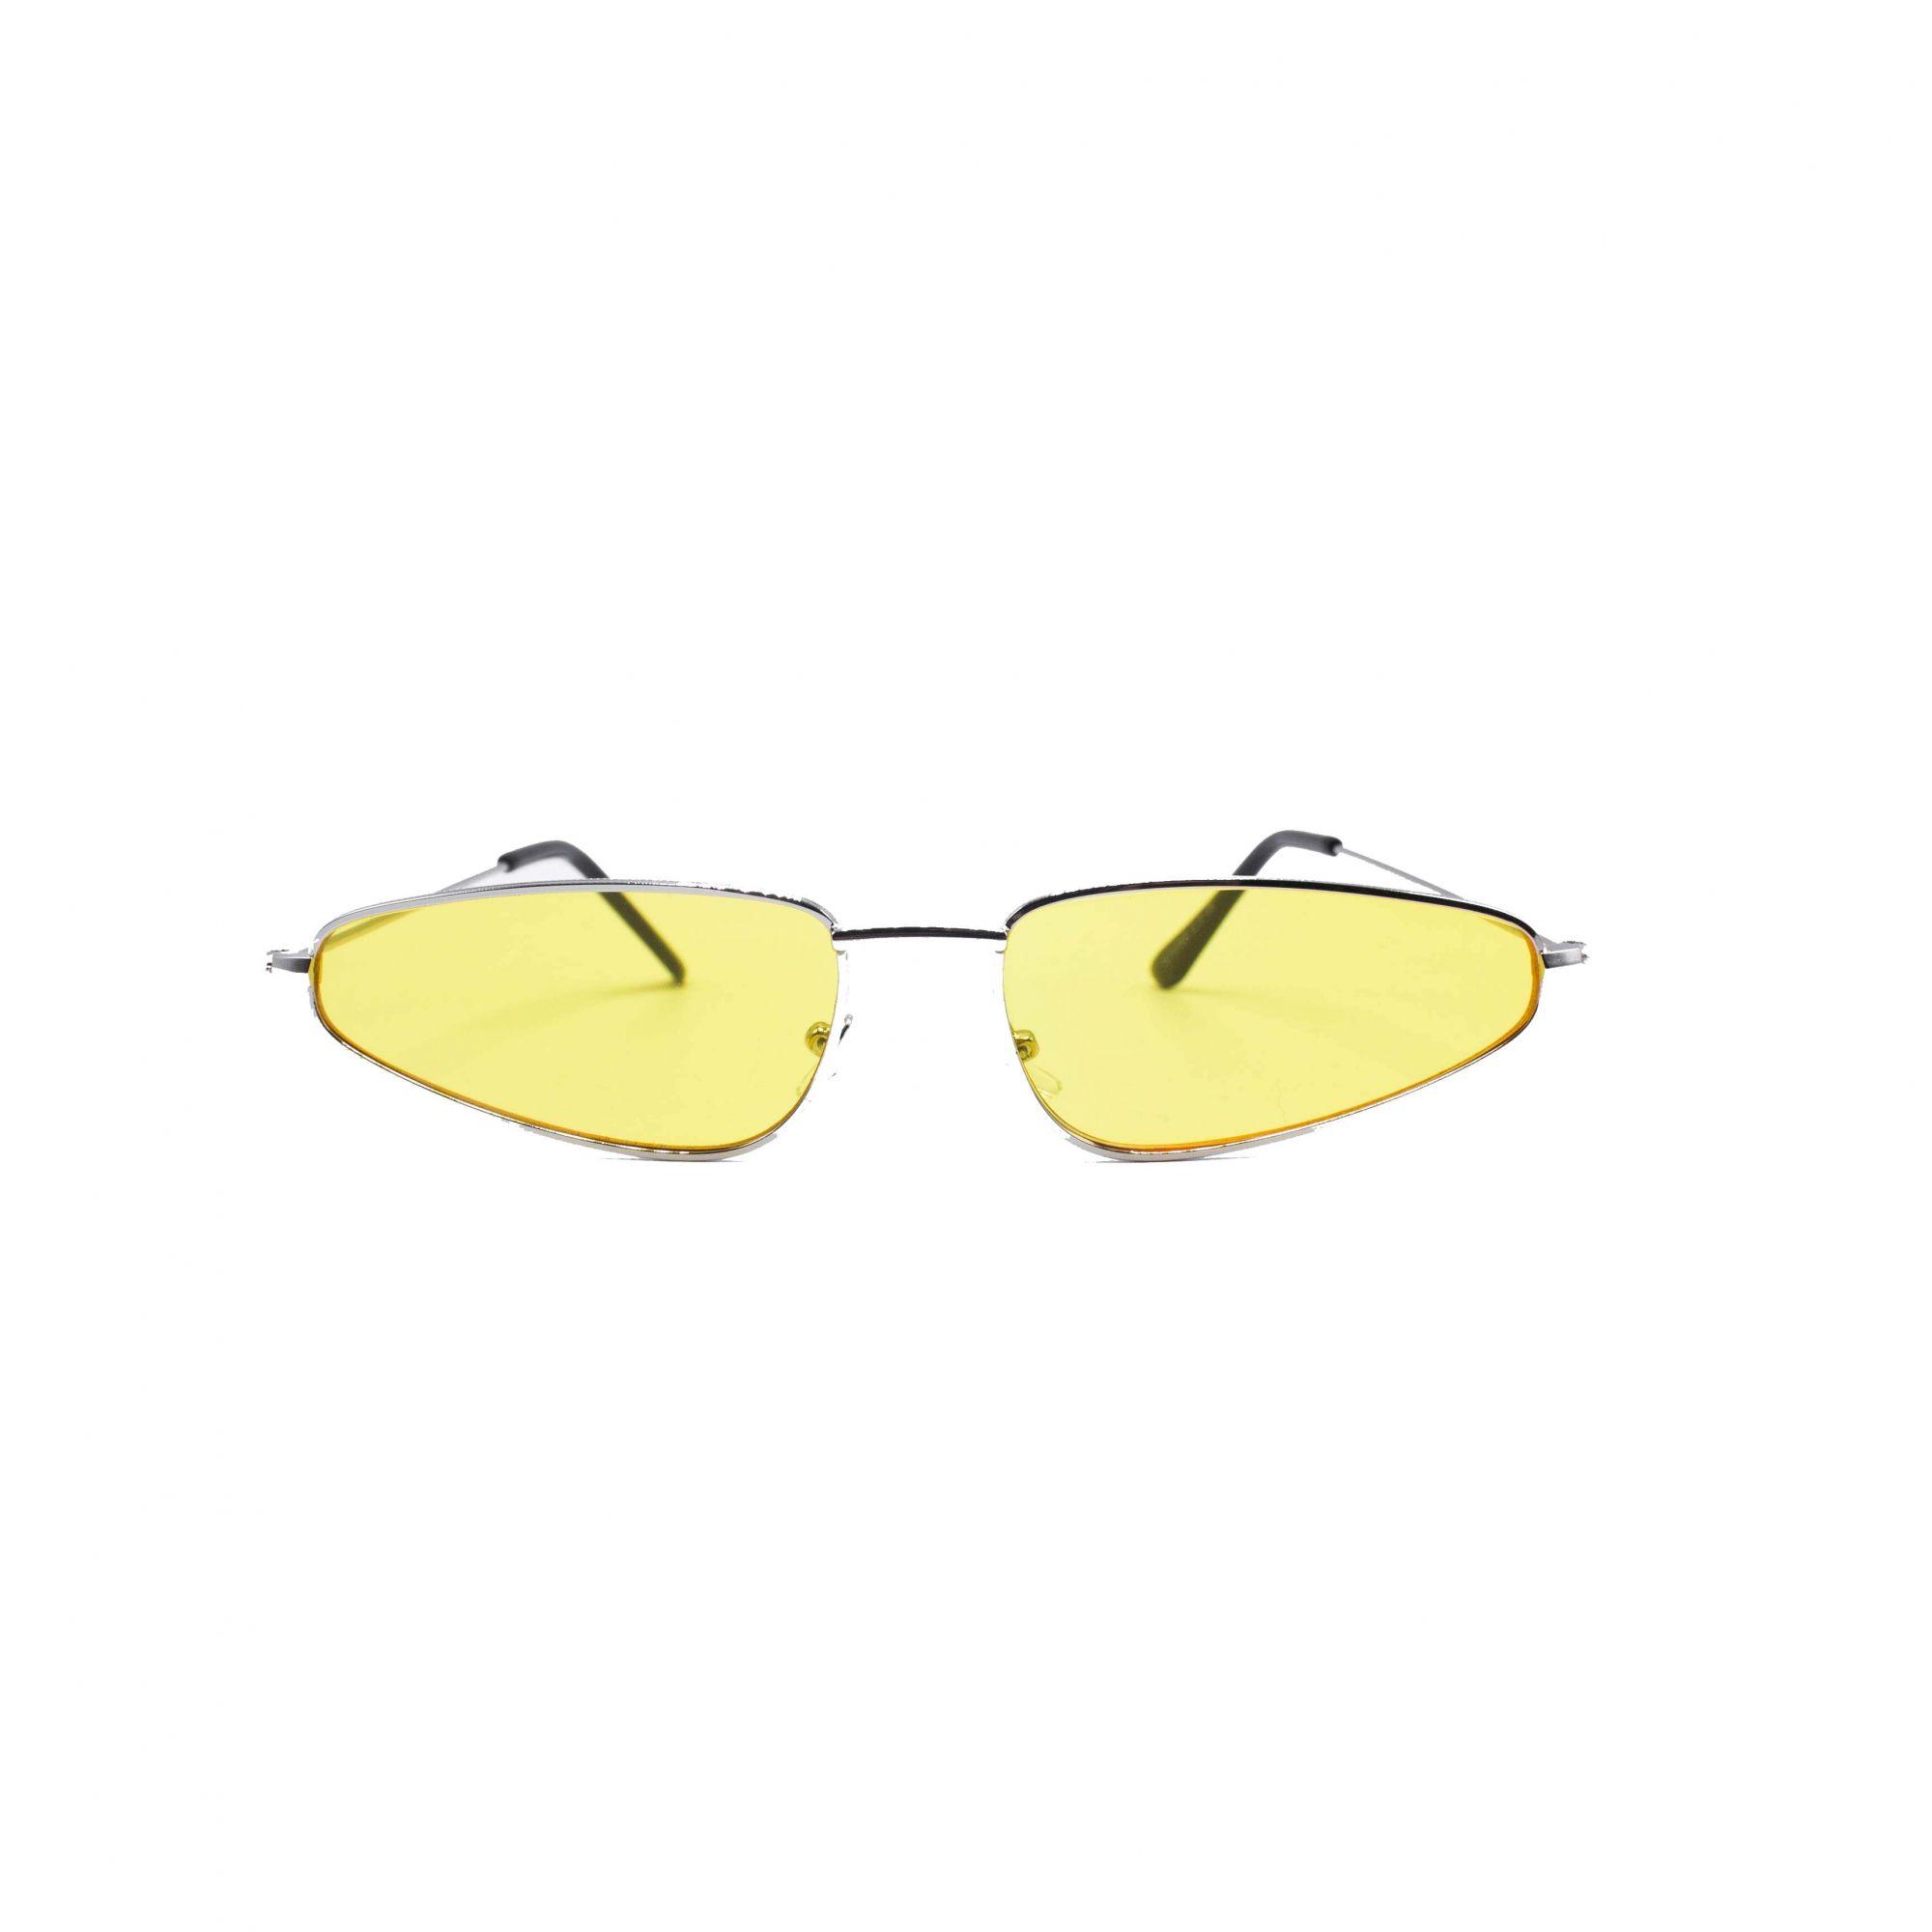 a97aa049880e8 Óculos Vintage